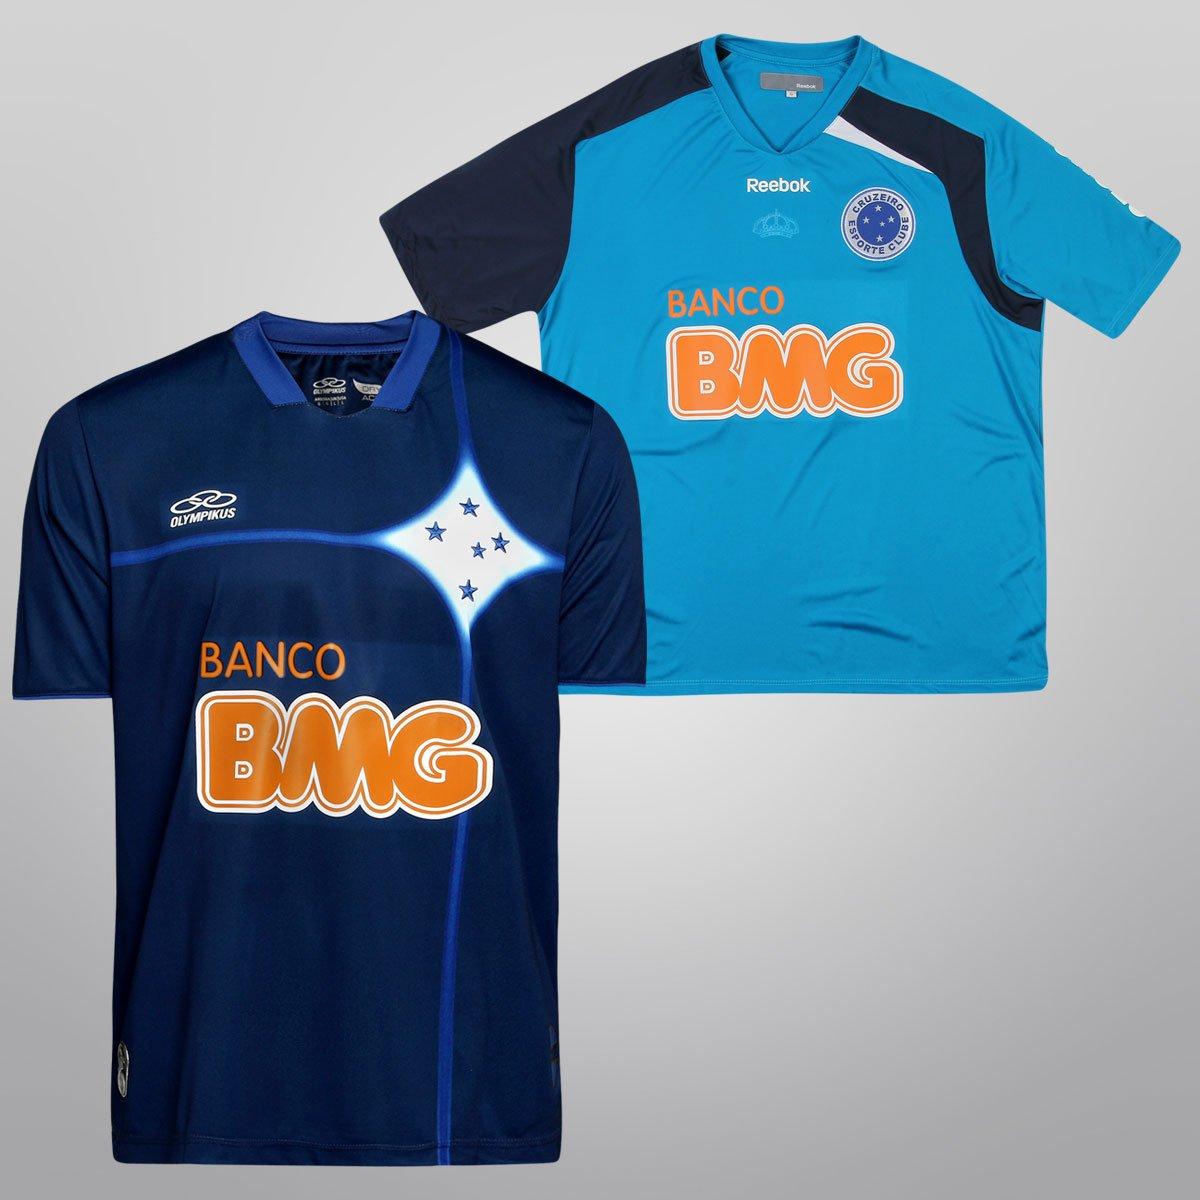 ff0870a067d9f Kit Cruzeiro Torcedor - Compre Agora